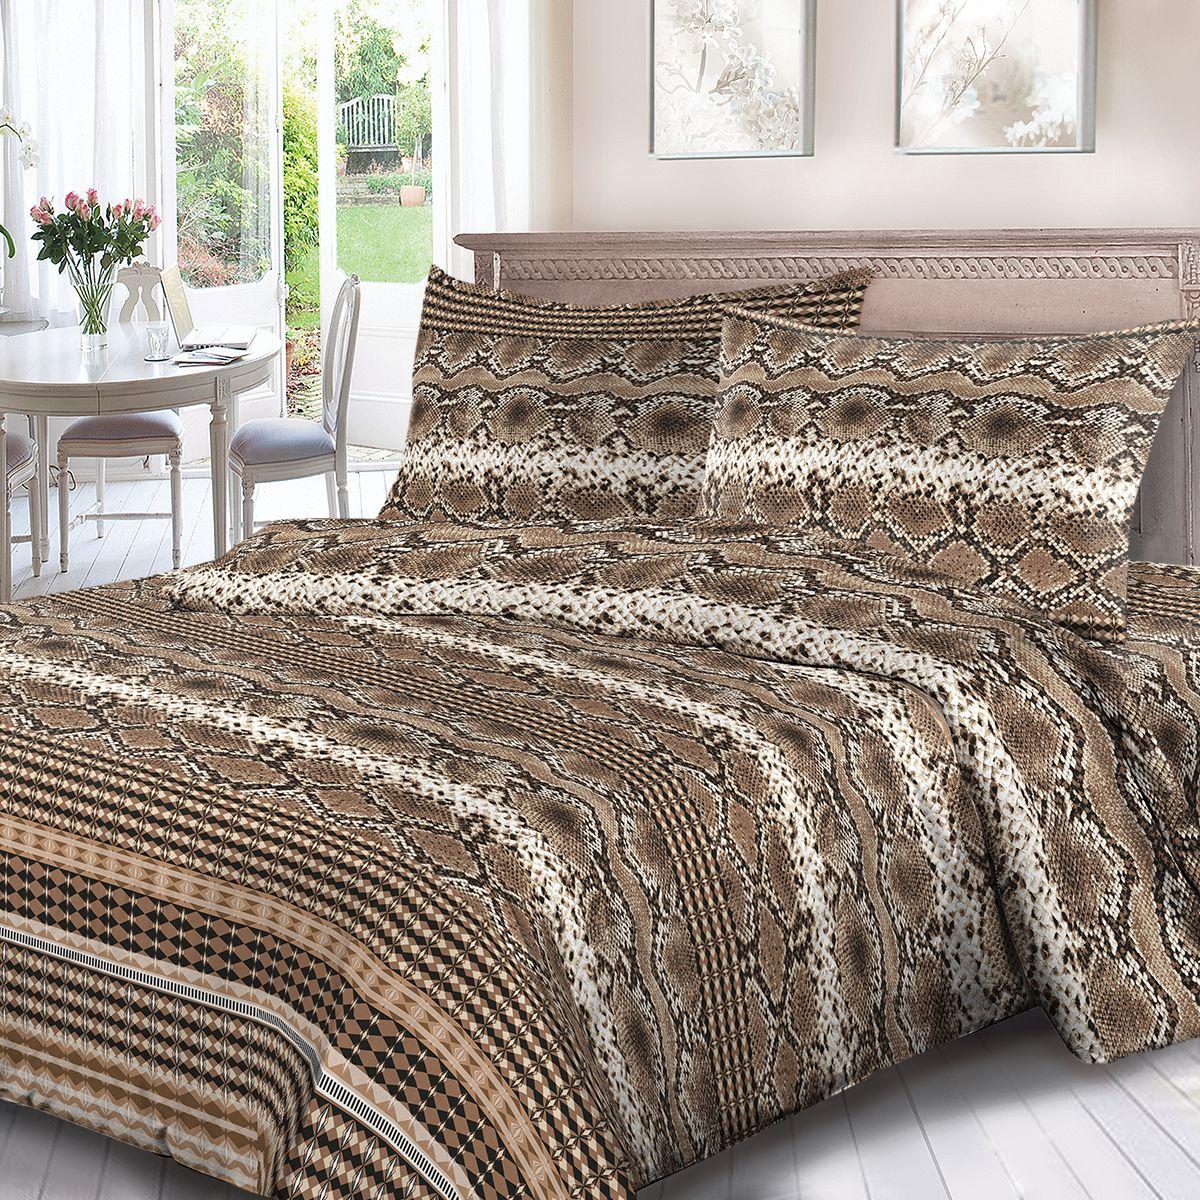 Комплект белья Для Снов Клеопатра, 2-х спальное, наволочки 70x70, цвет: коричневый. 3719-186497